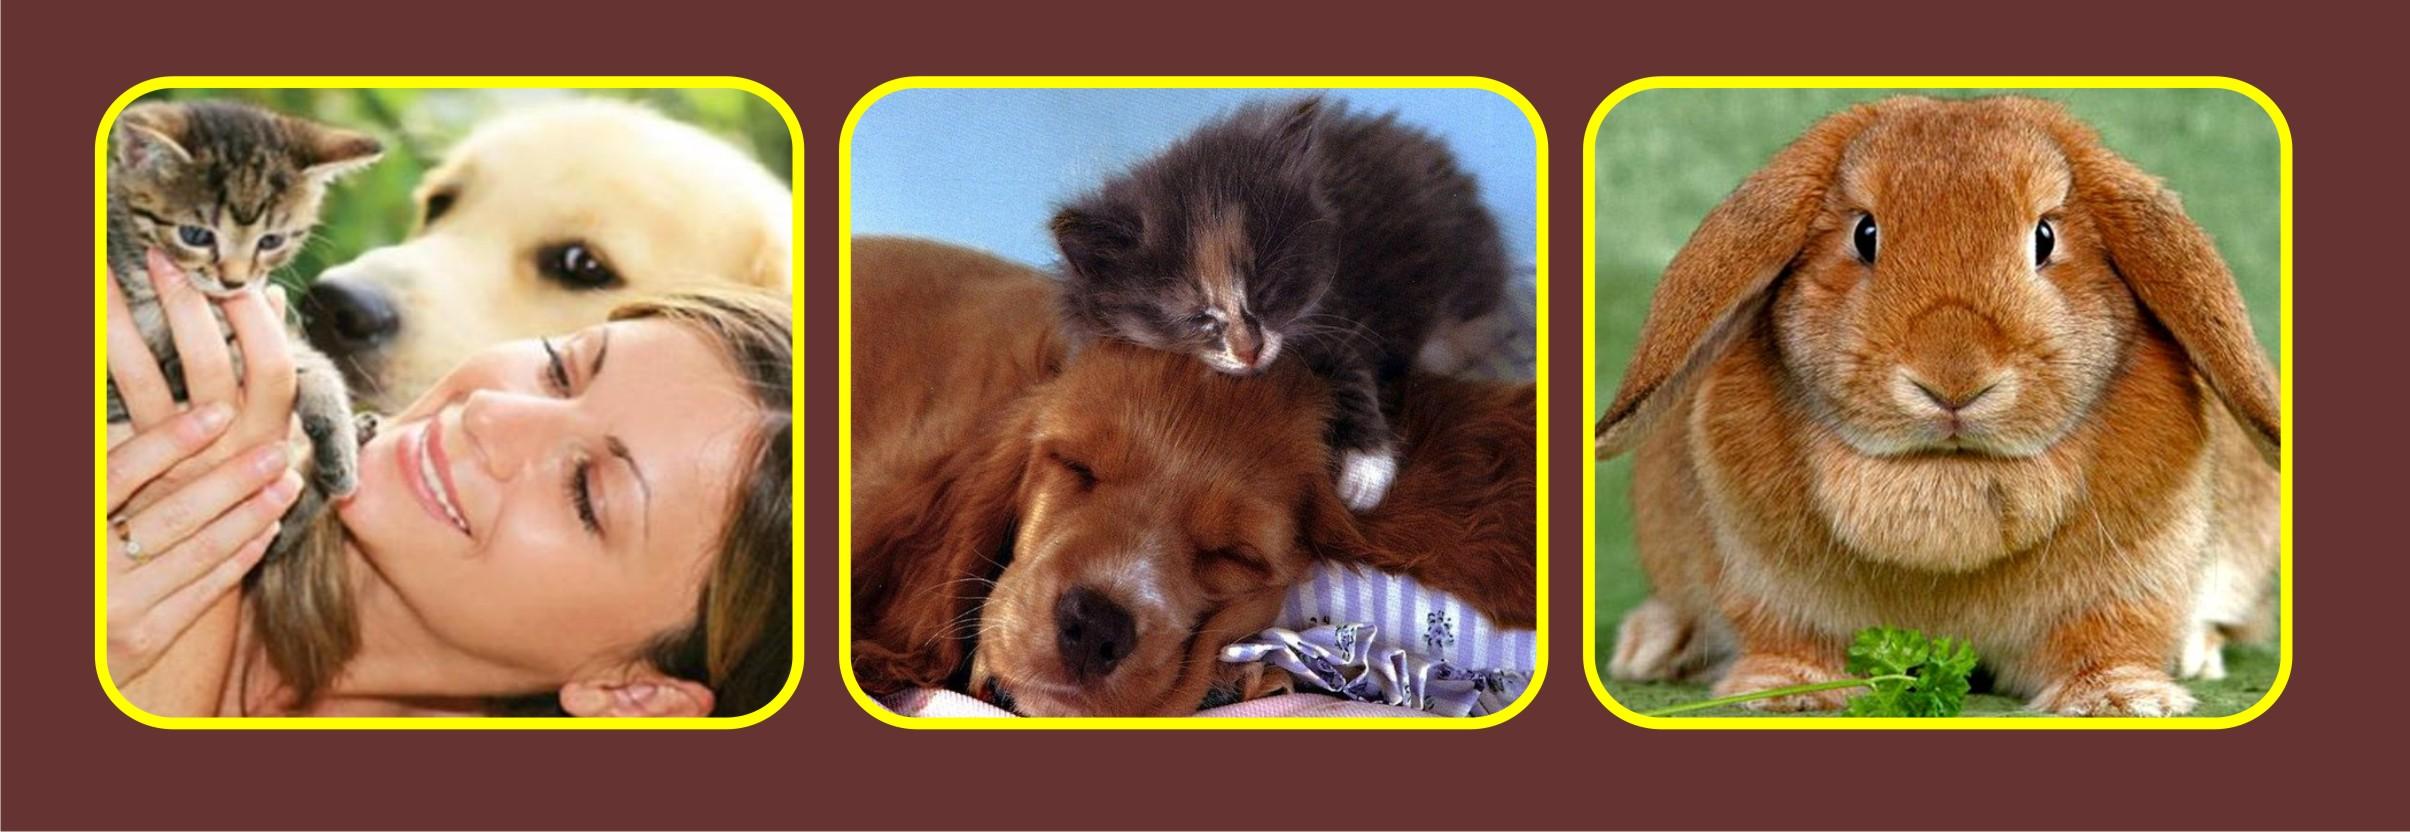 3 картинки животные на коричневом